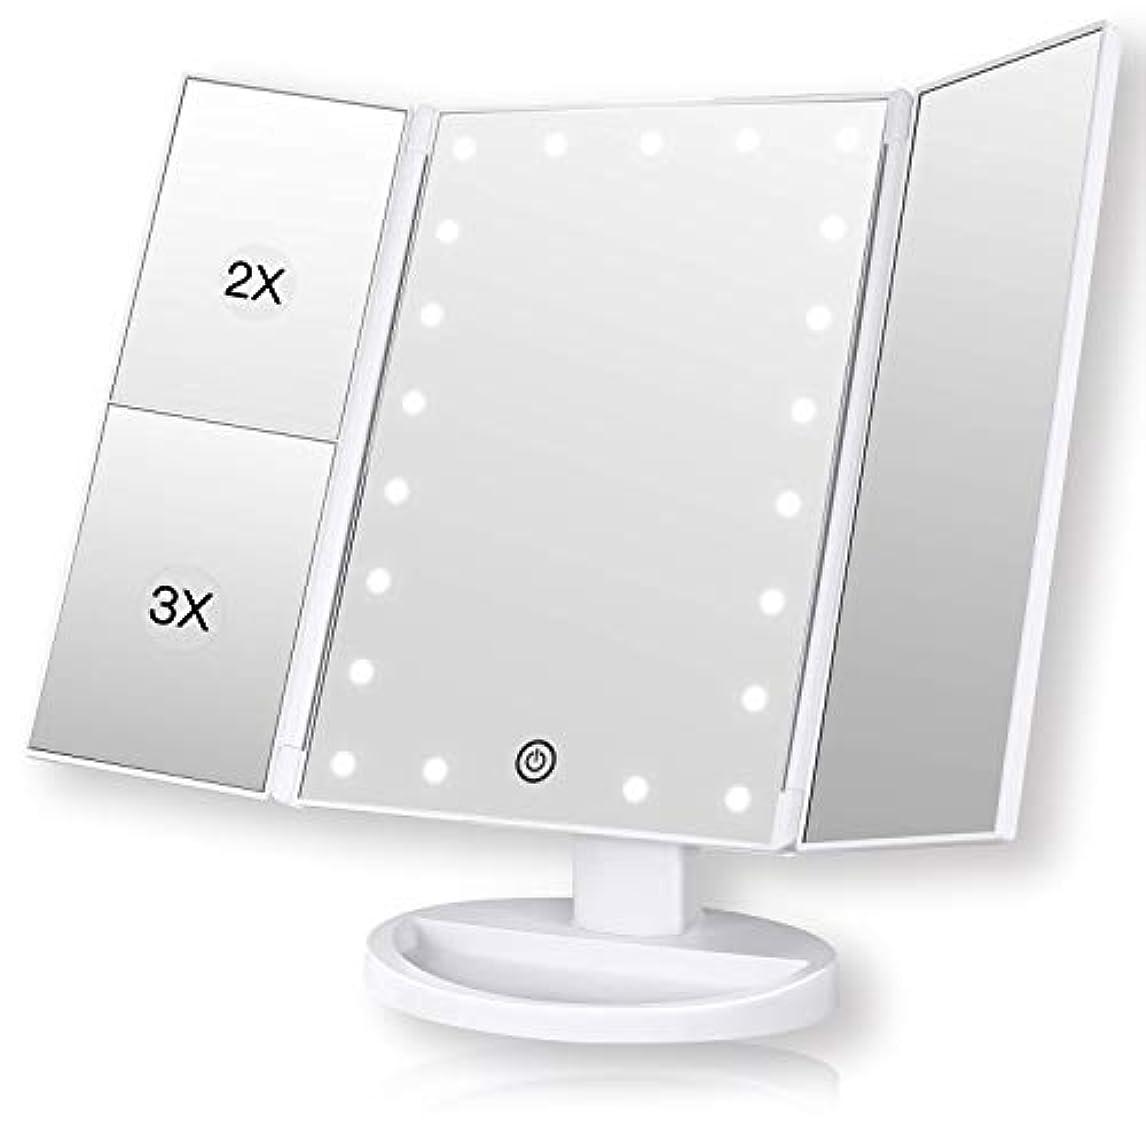 貫通する定数五十ROZZERMAN 化粧鏡 卓上ミラー 三面鏡 ledライト 女優ミラー 折りたたみ 持ち運び 拡大鏡 2倍 3倍 角度調整